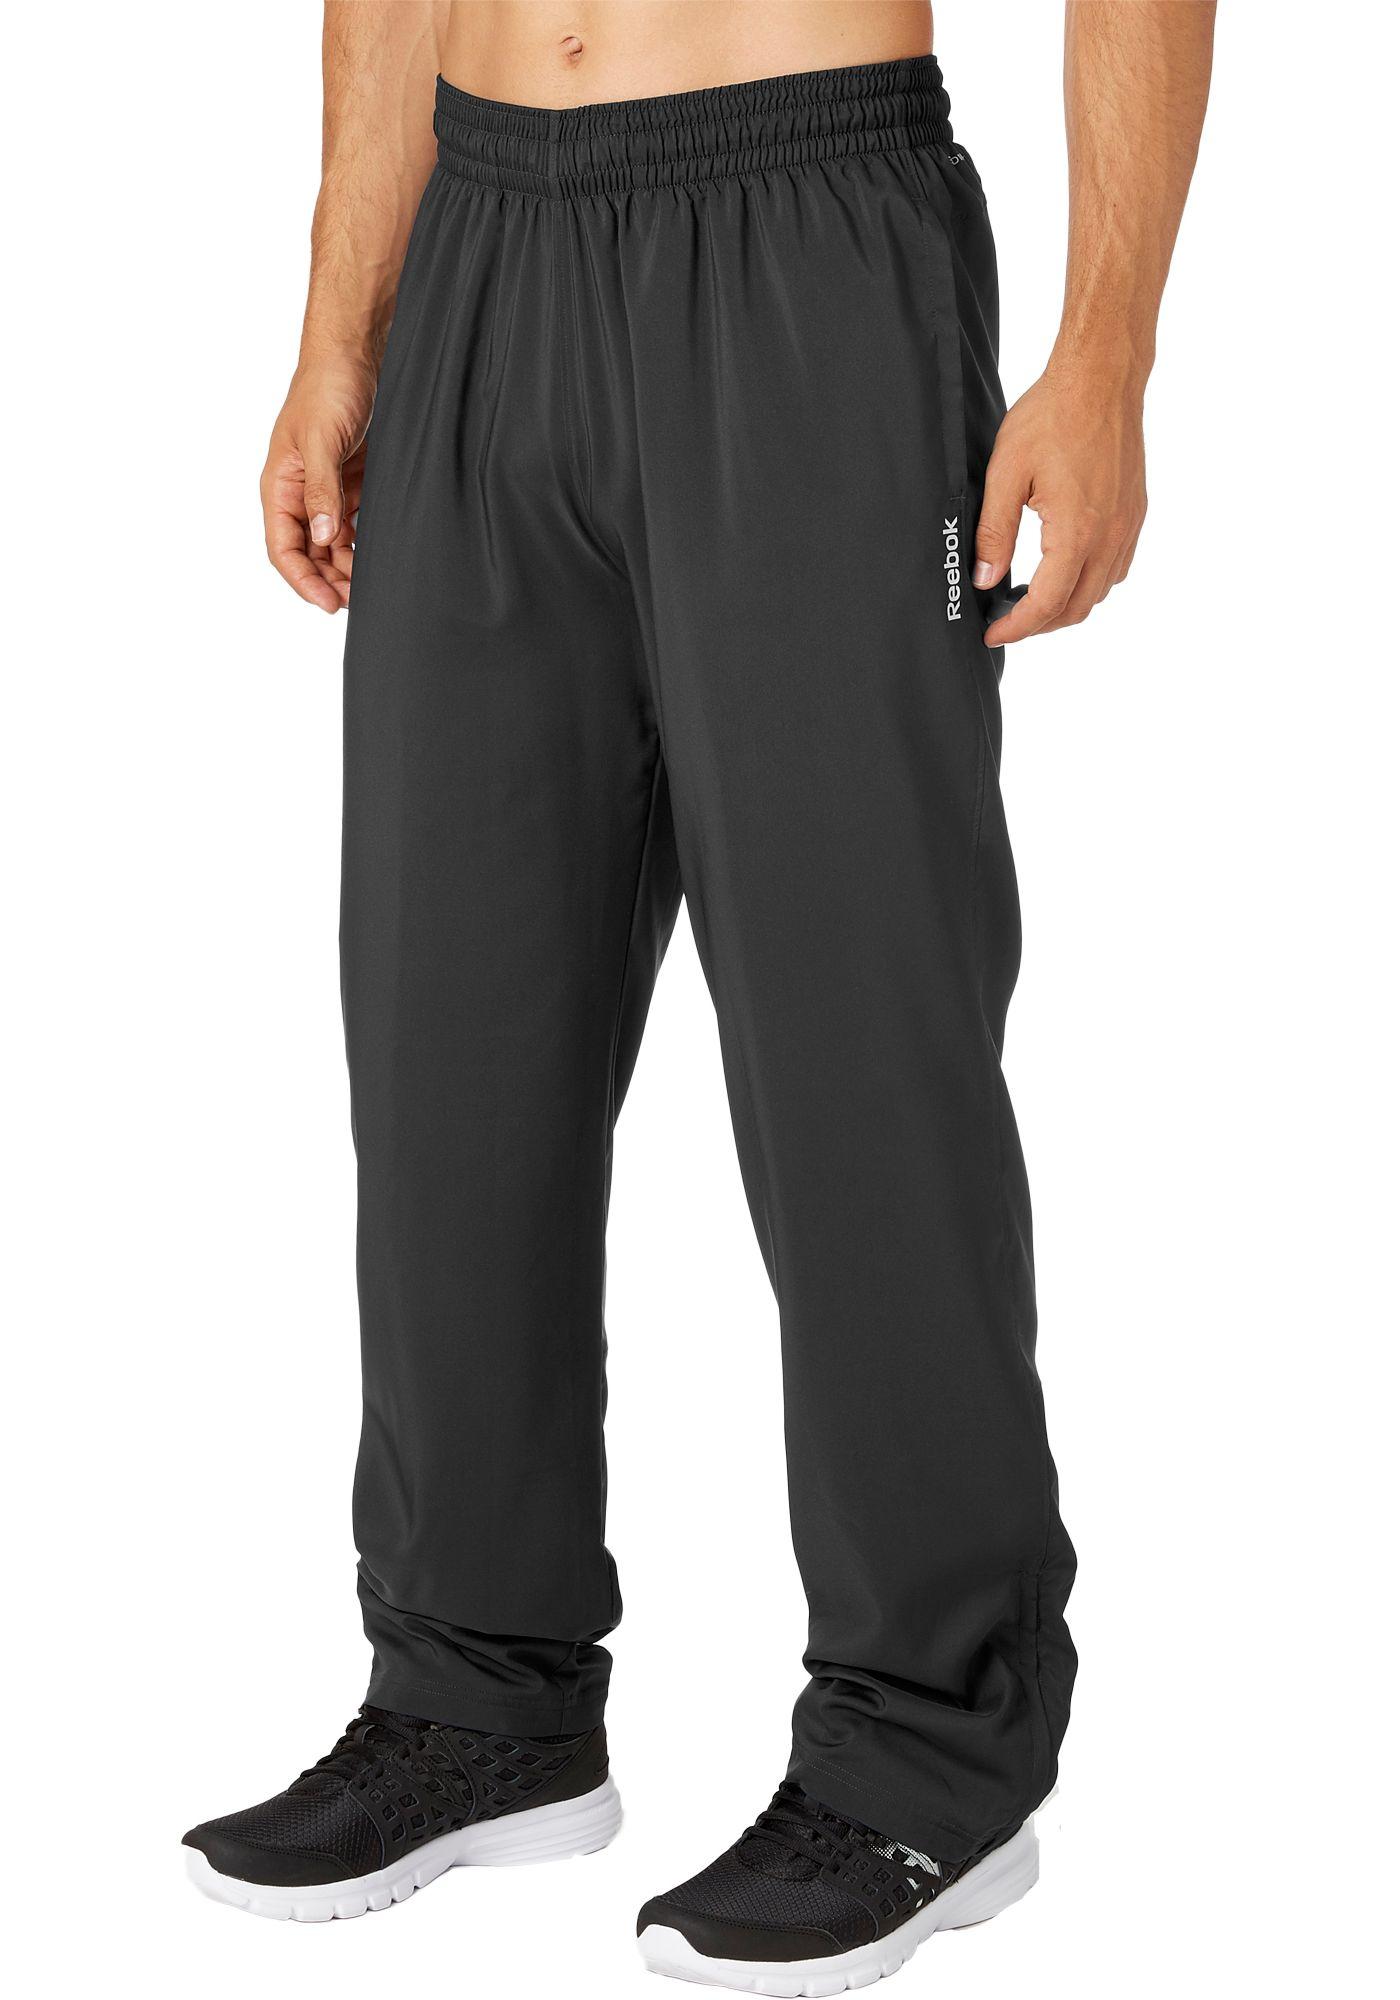 Reebok Men's Woven Pants